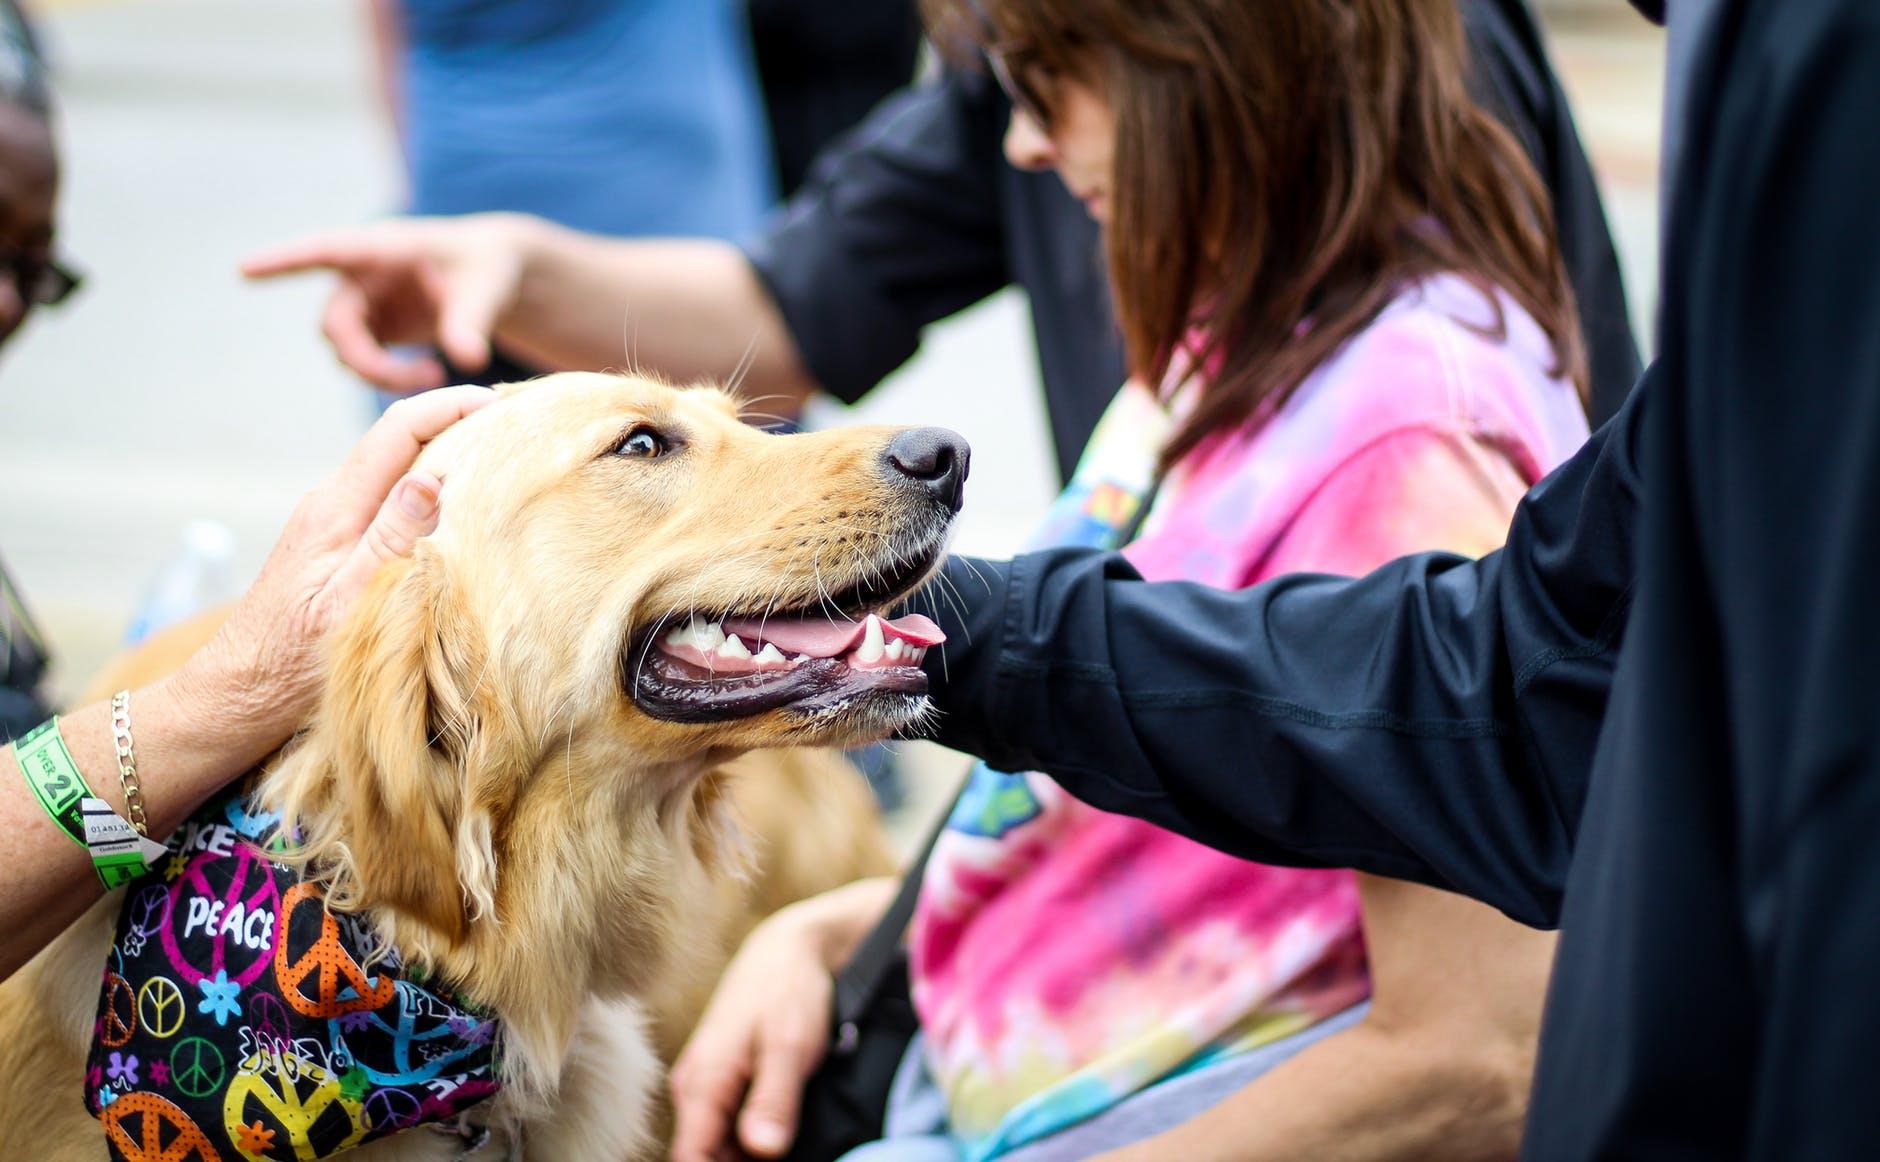 Un chien est caressé par une personne bienveillante qu'il regarde. Intergair avec un animal a de nombreux bienfaits.